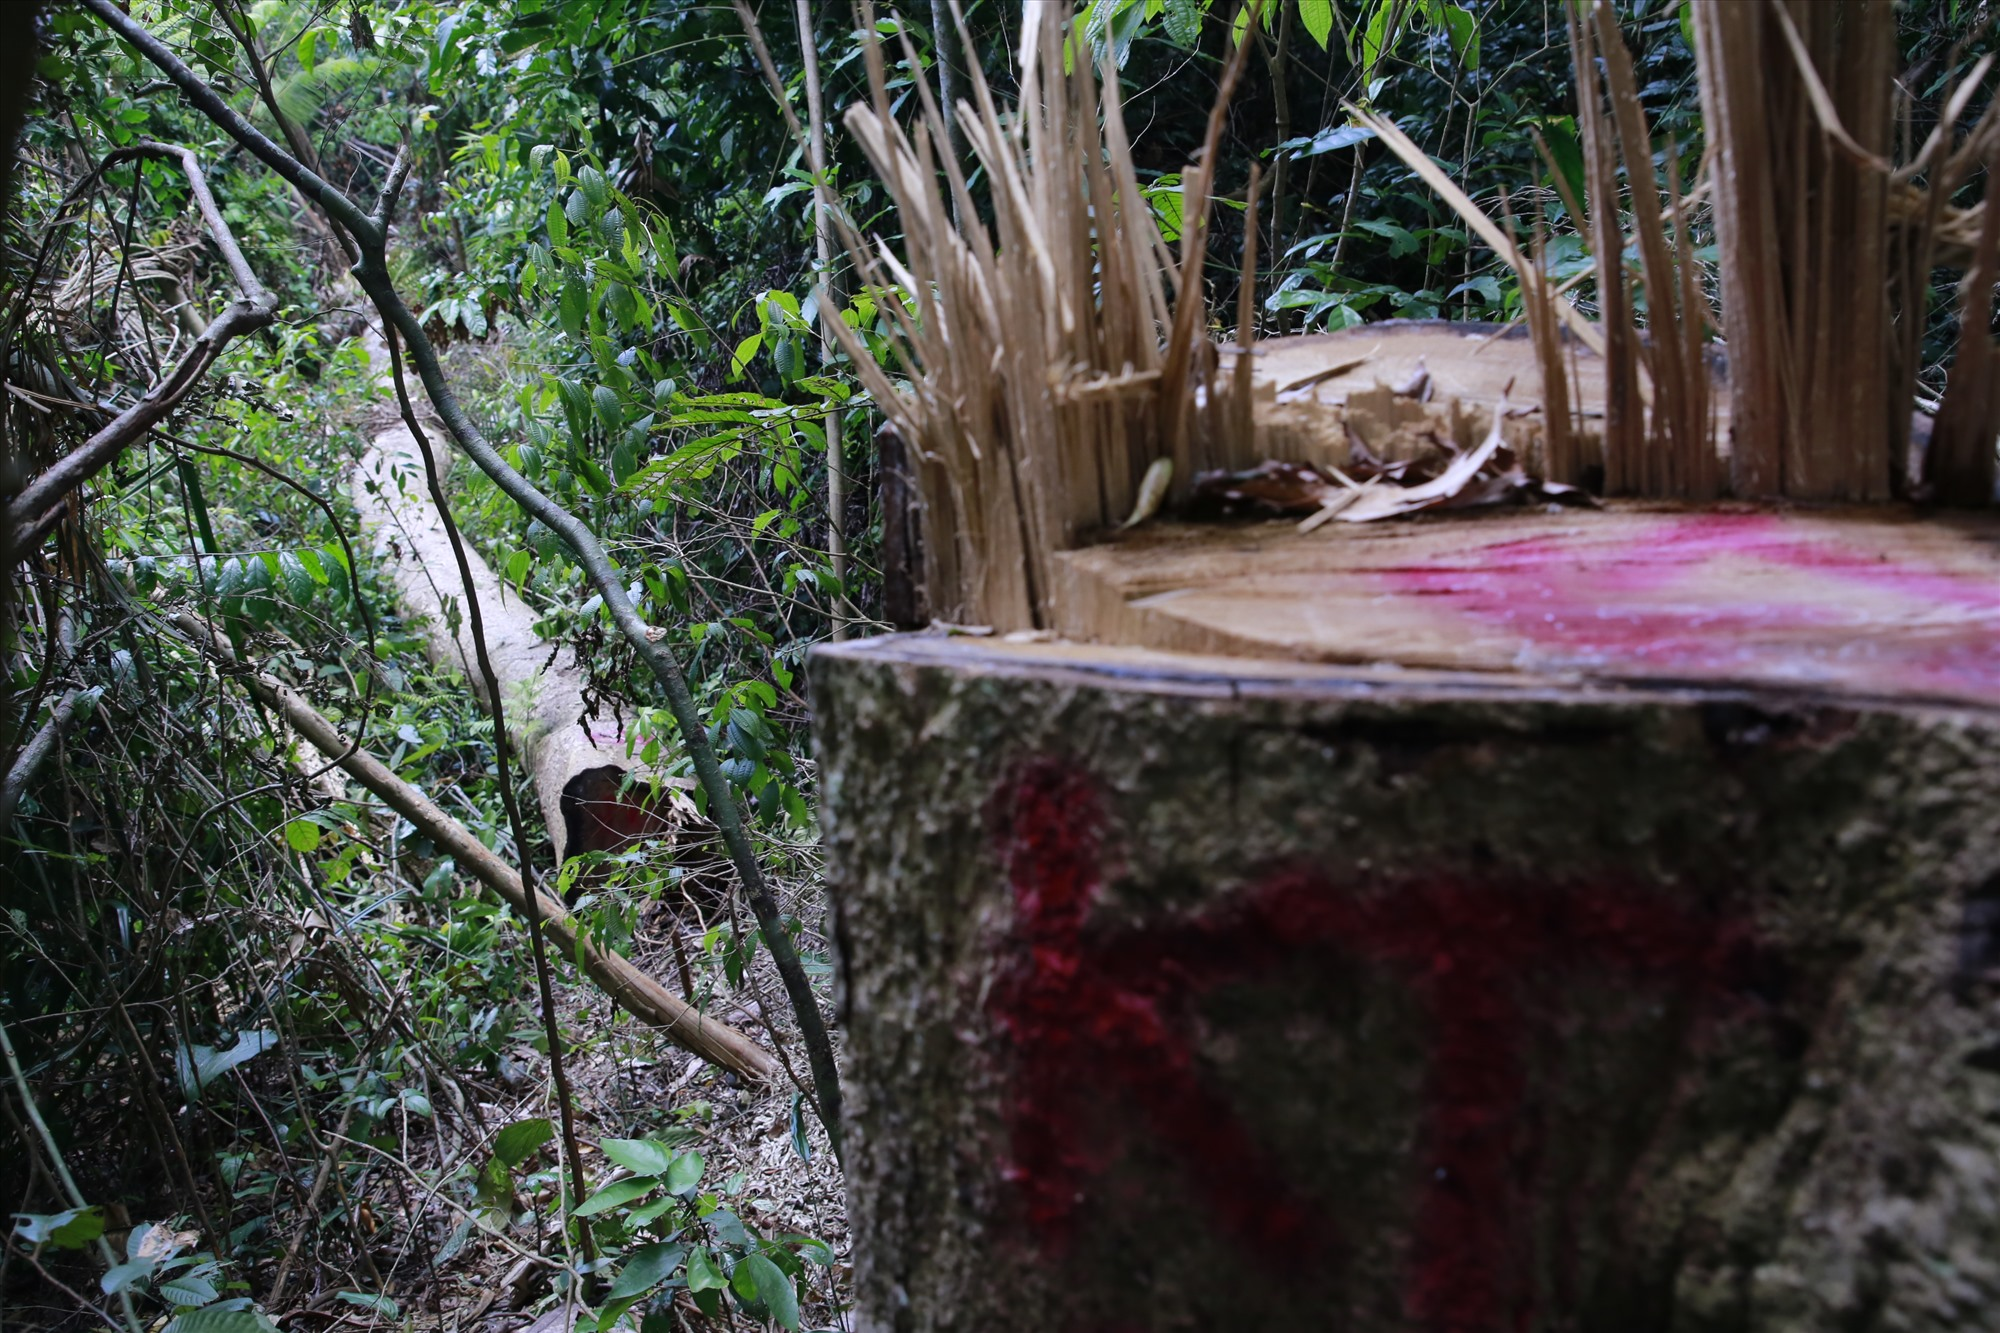 Việc người dân khai thác gỗ để làm nhà khiến tình trạng phá rừng diễn ra dai dẳng. Ảnh: T.C